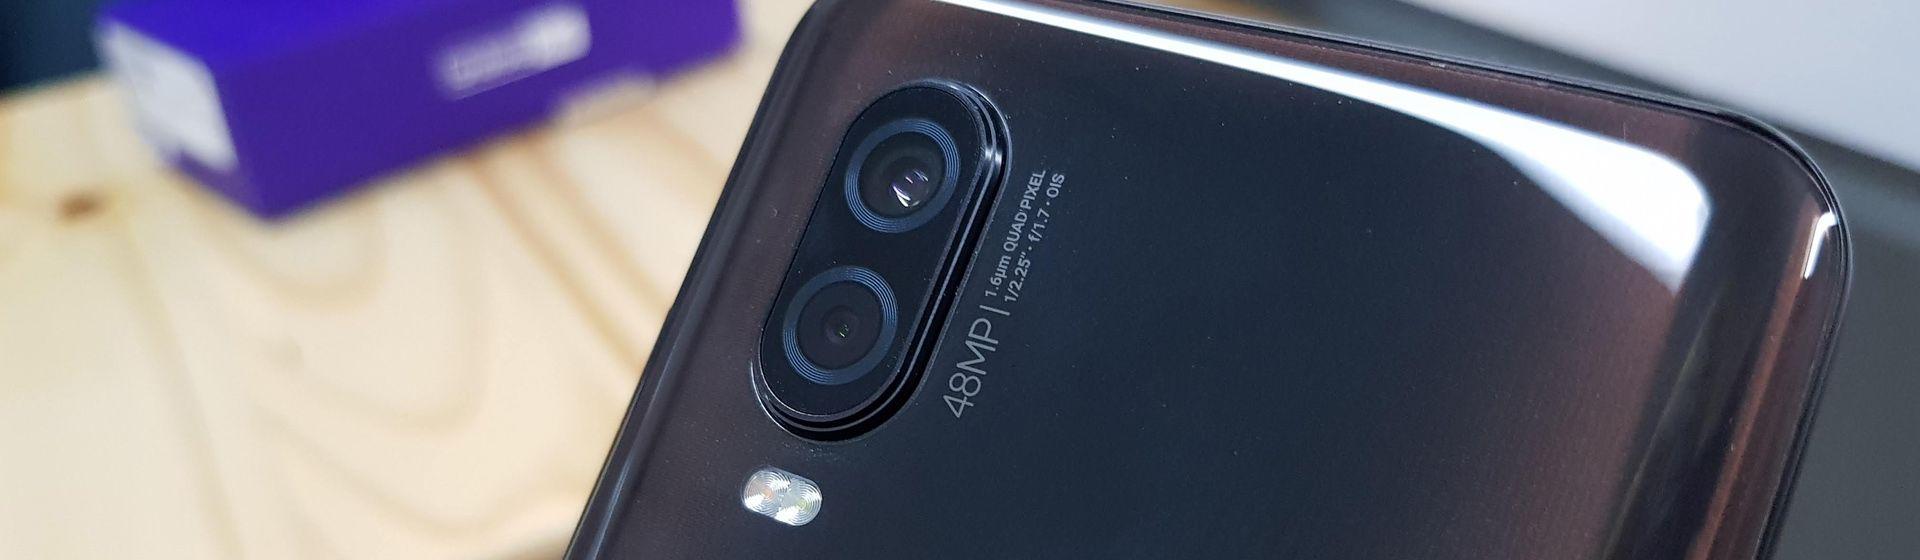 Review Motorola One Vision: câmera que surpreende no escuro e tela 'de cinema'